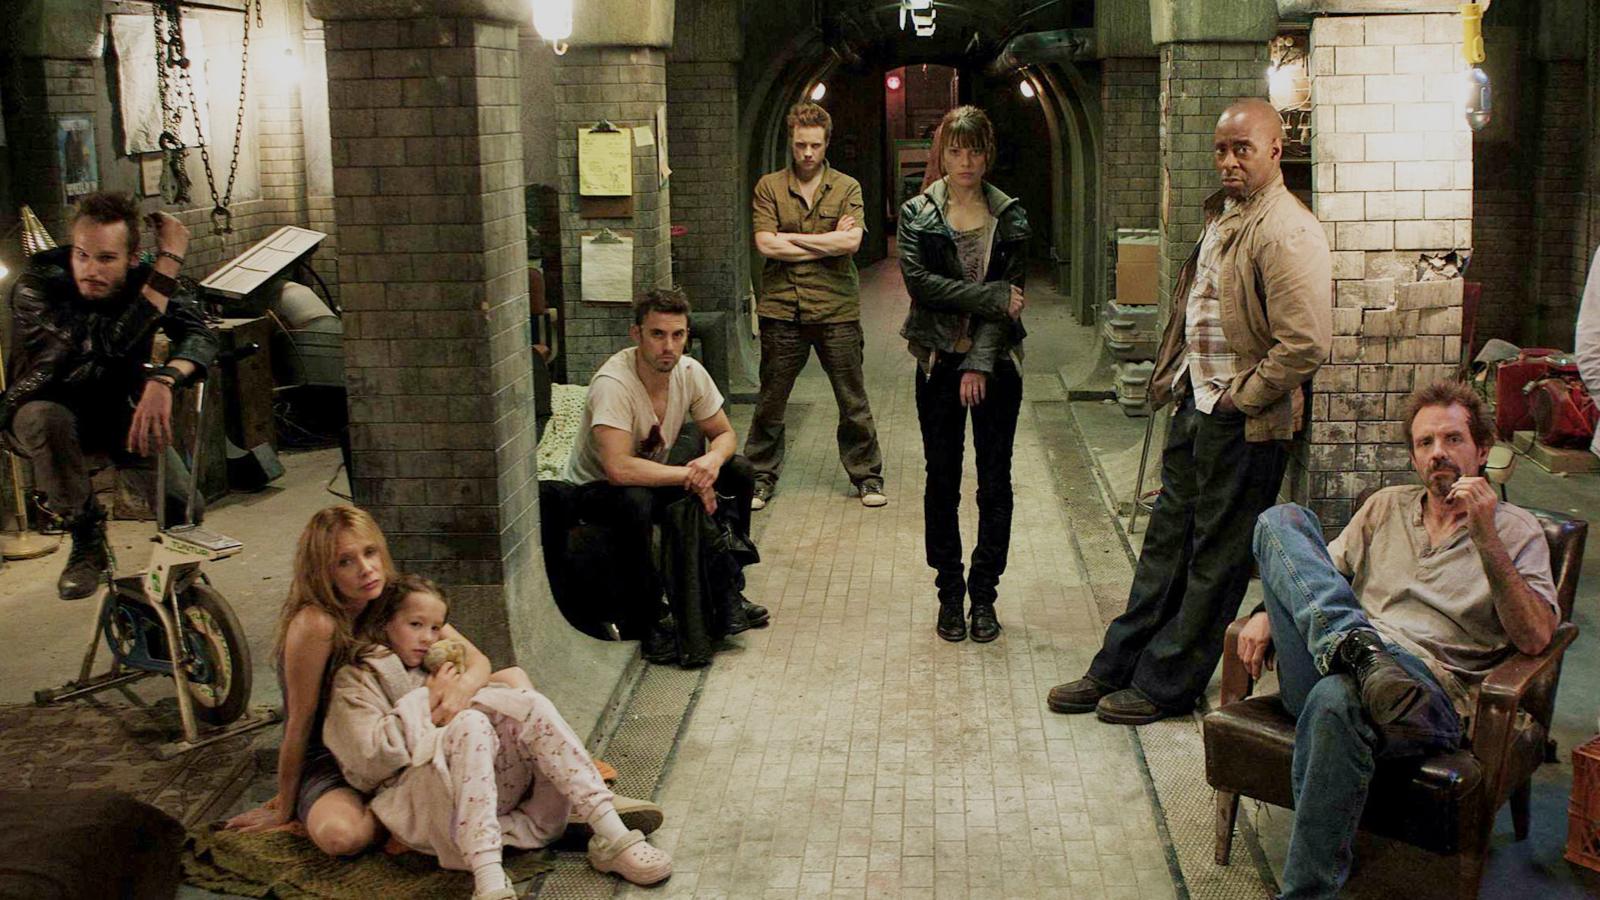 世界爆发核战后,城市已经无法生存,9人只能将自己关到地下室!